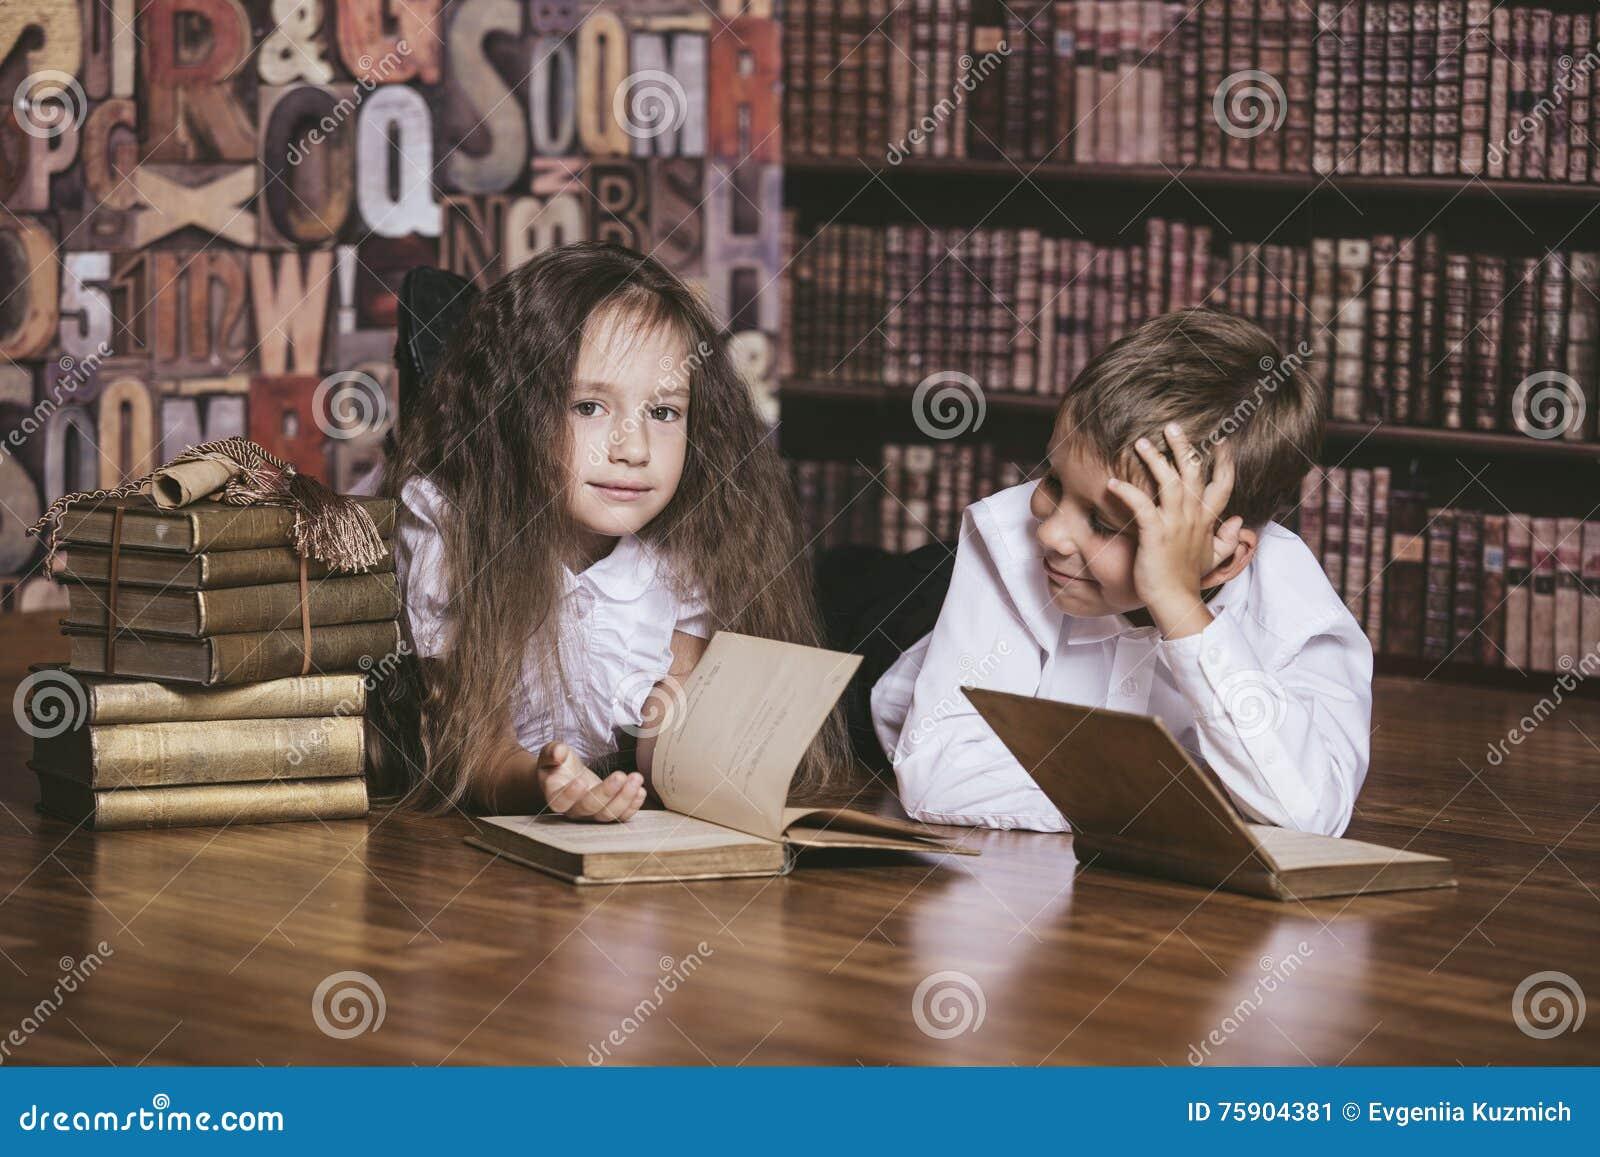 Фото девушка в библиотеке, зрелая с большими сисями онлайн